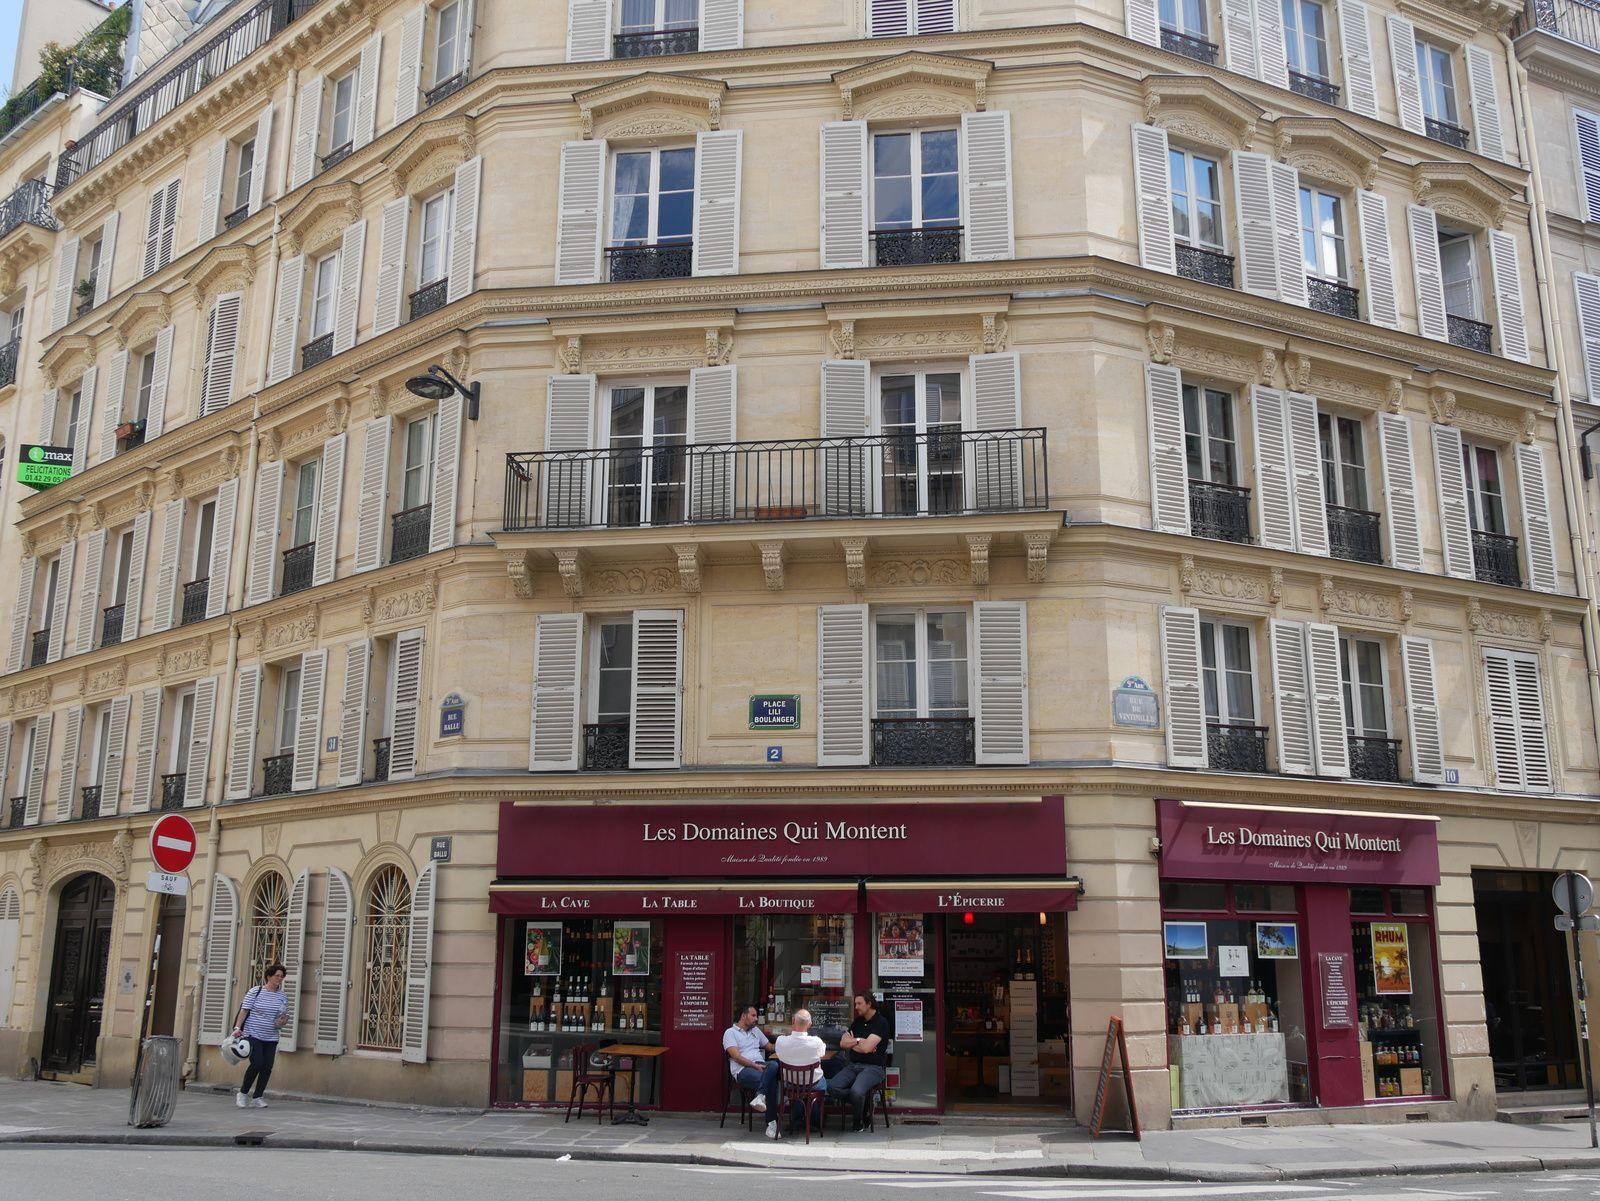 Le 2 place Lili boulanger ancien 31 rue Ballu